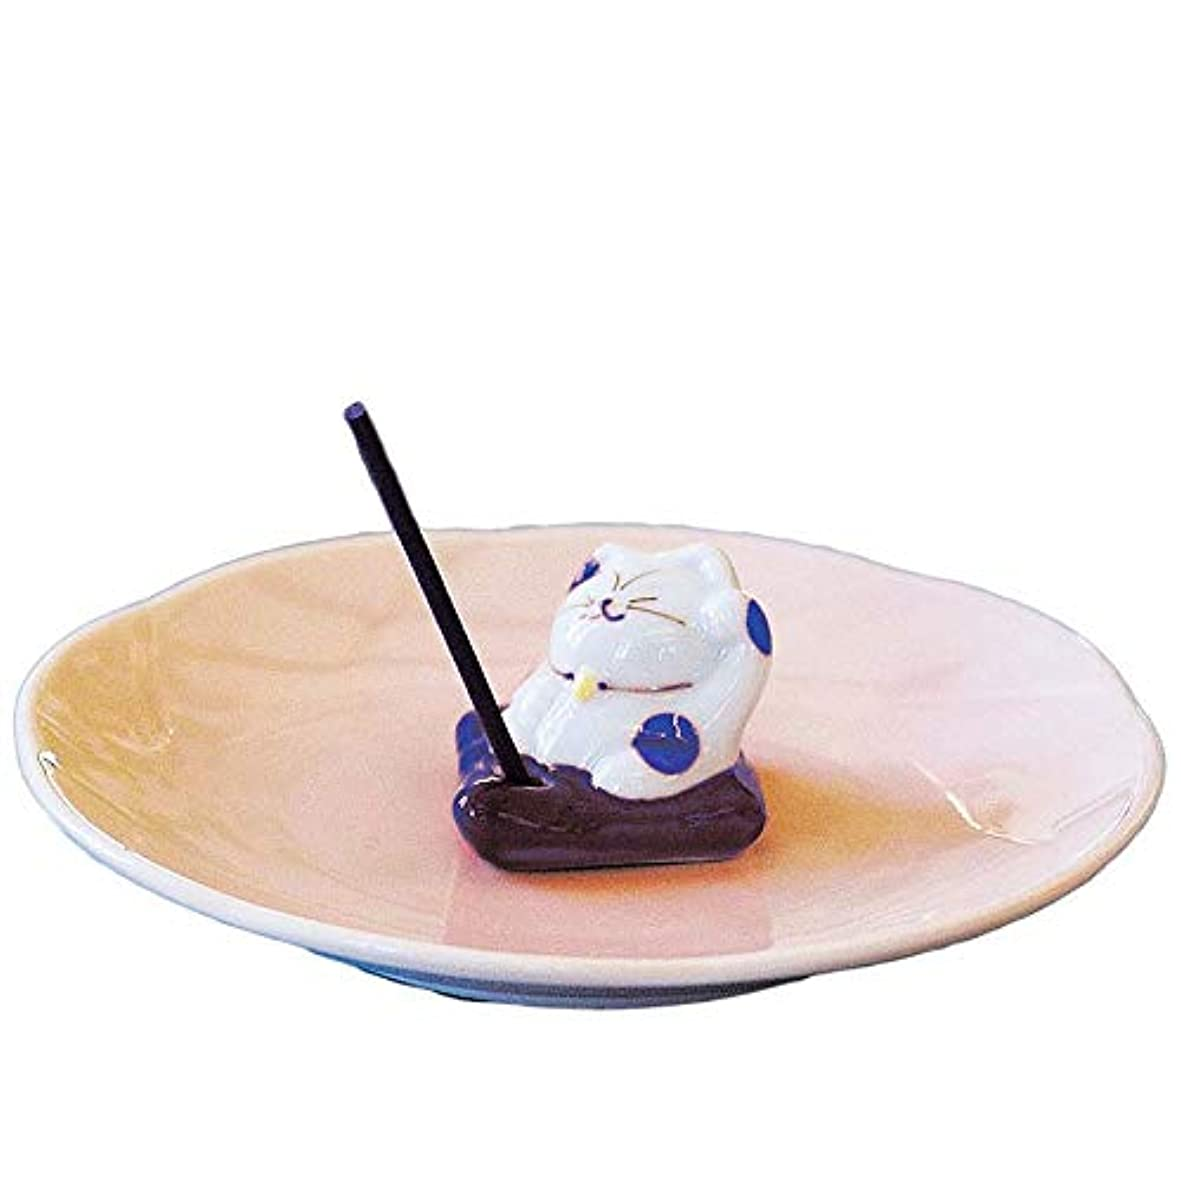 二次期待するサンプル香皿 香立て/ザブトンネコ 香皿 ブルー/香り アロマ 癒やし リラックス インテリア プレゼント 贈り物